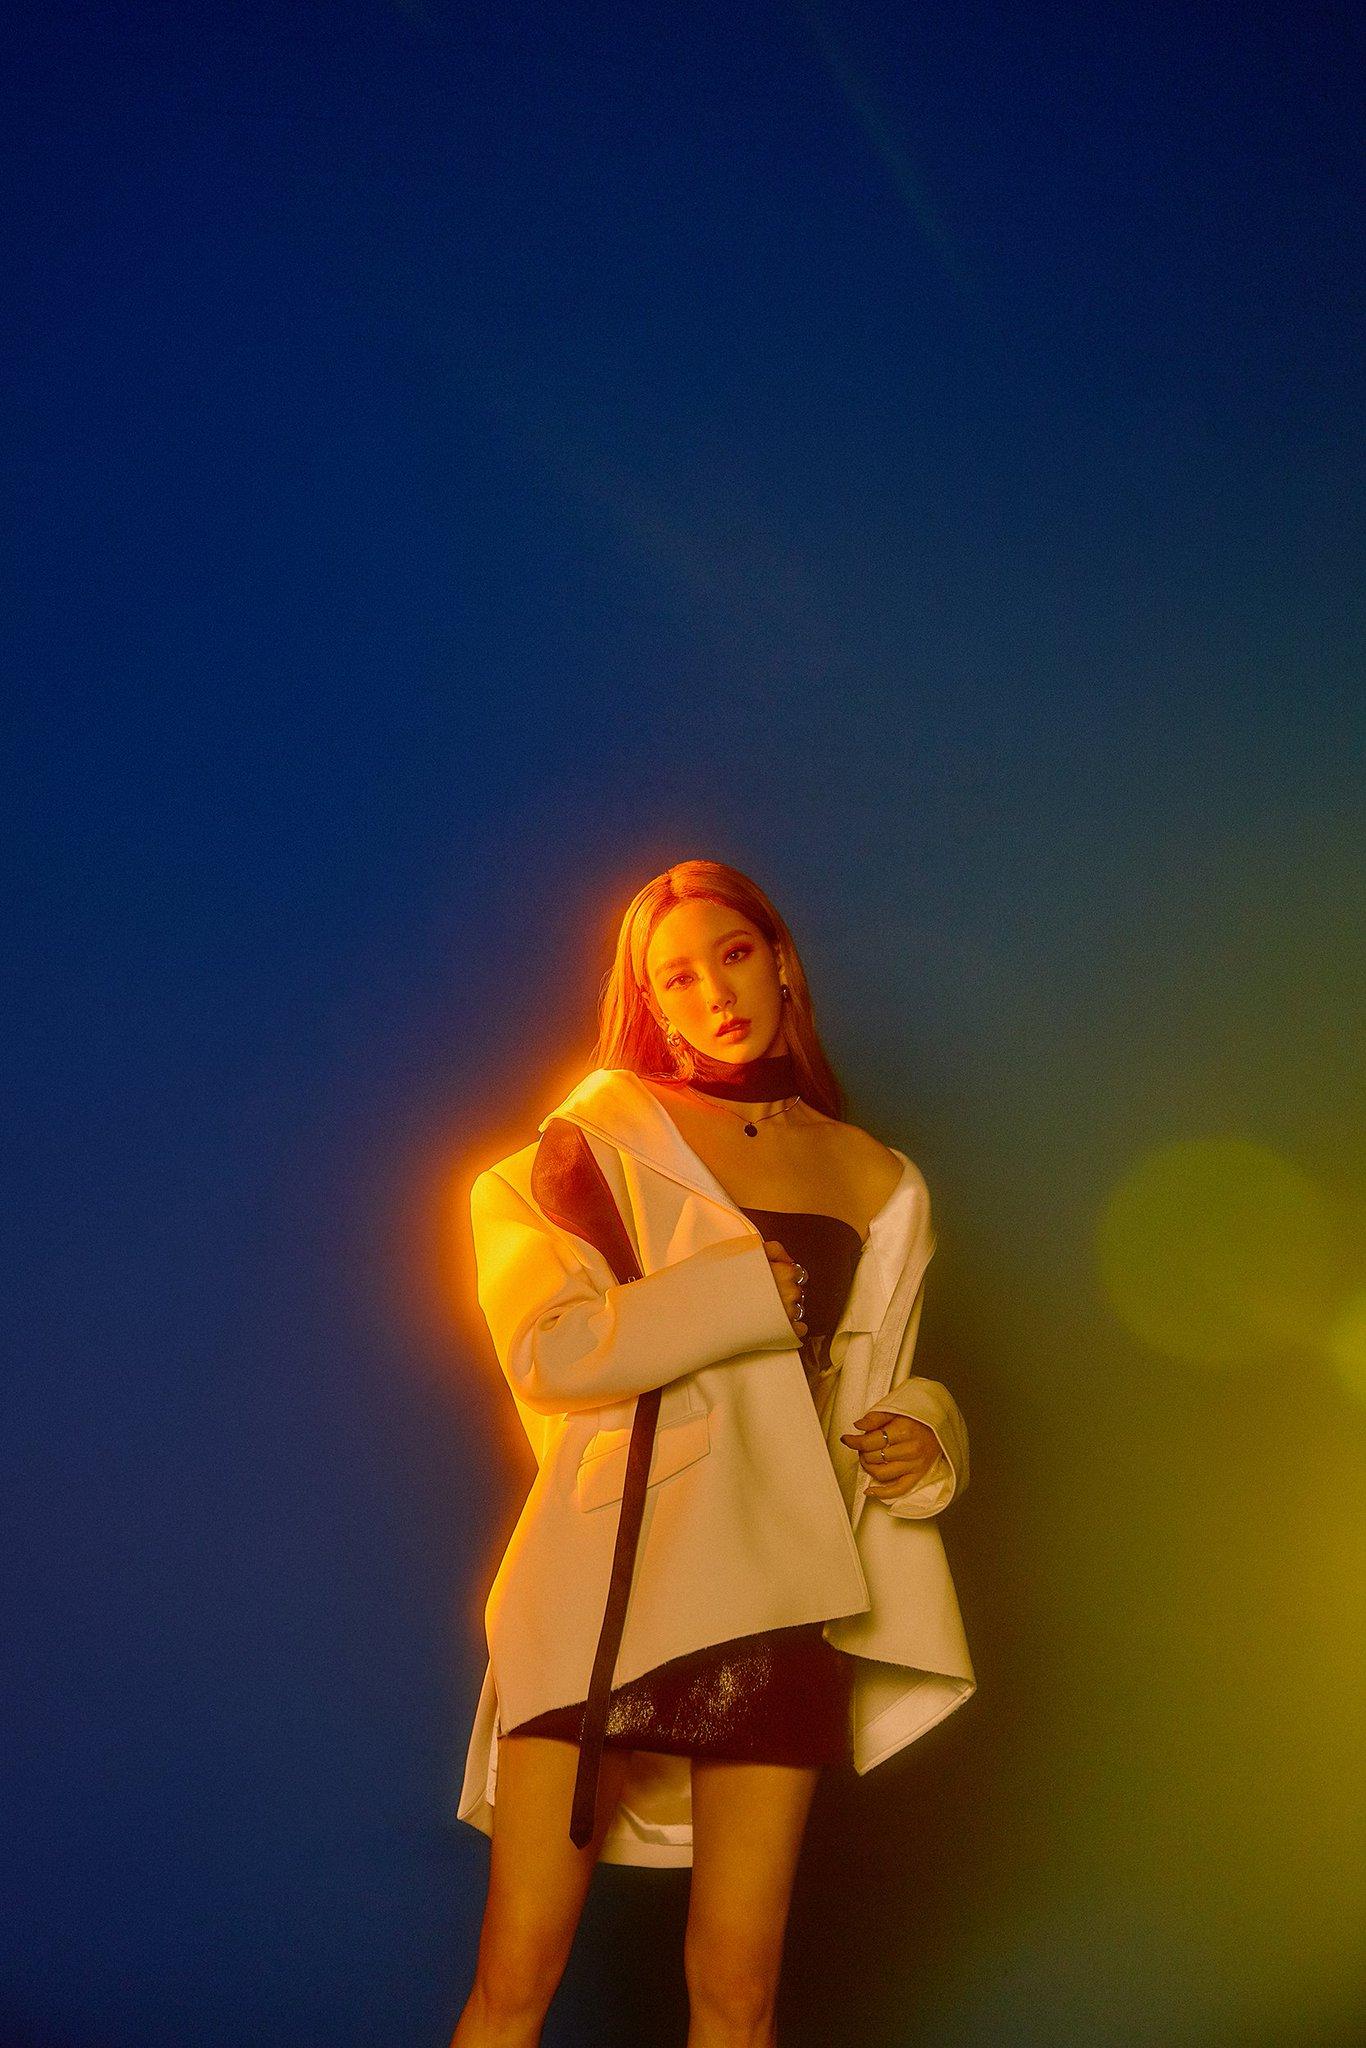 Taeyeon mặc áo khoác trắng, đeo choker trong MV nhạc KPOP Spark